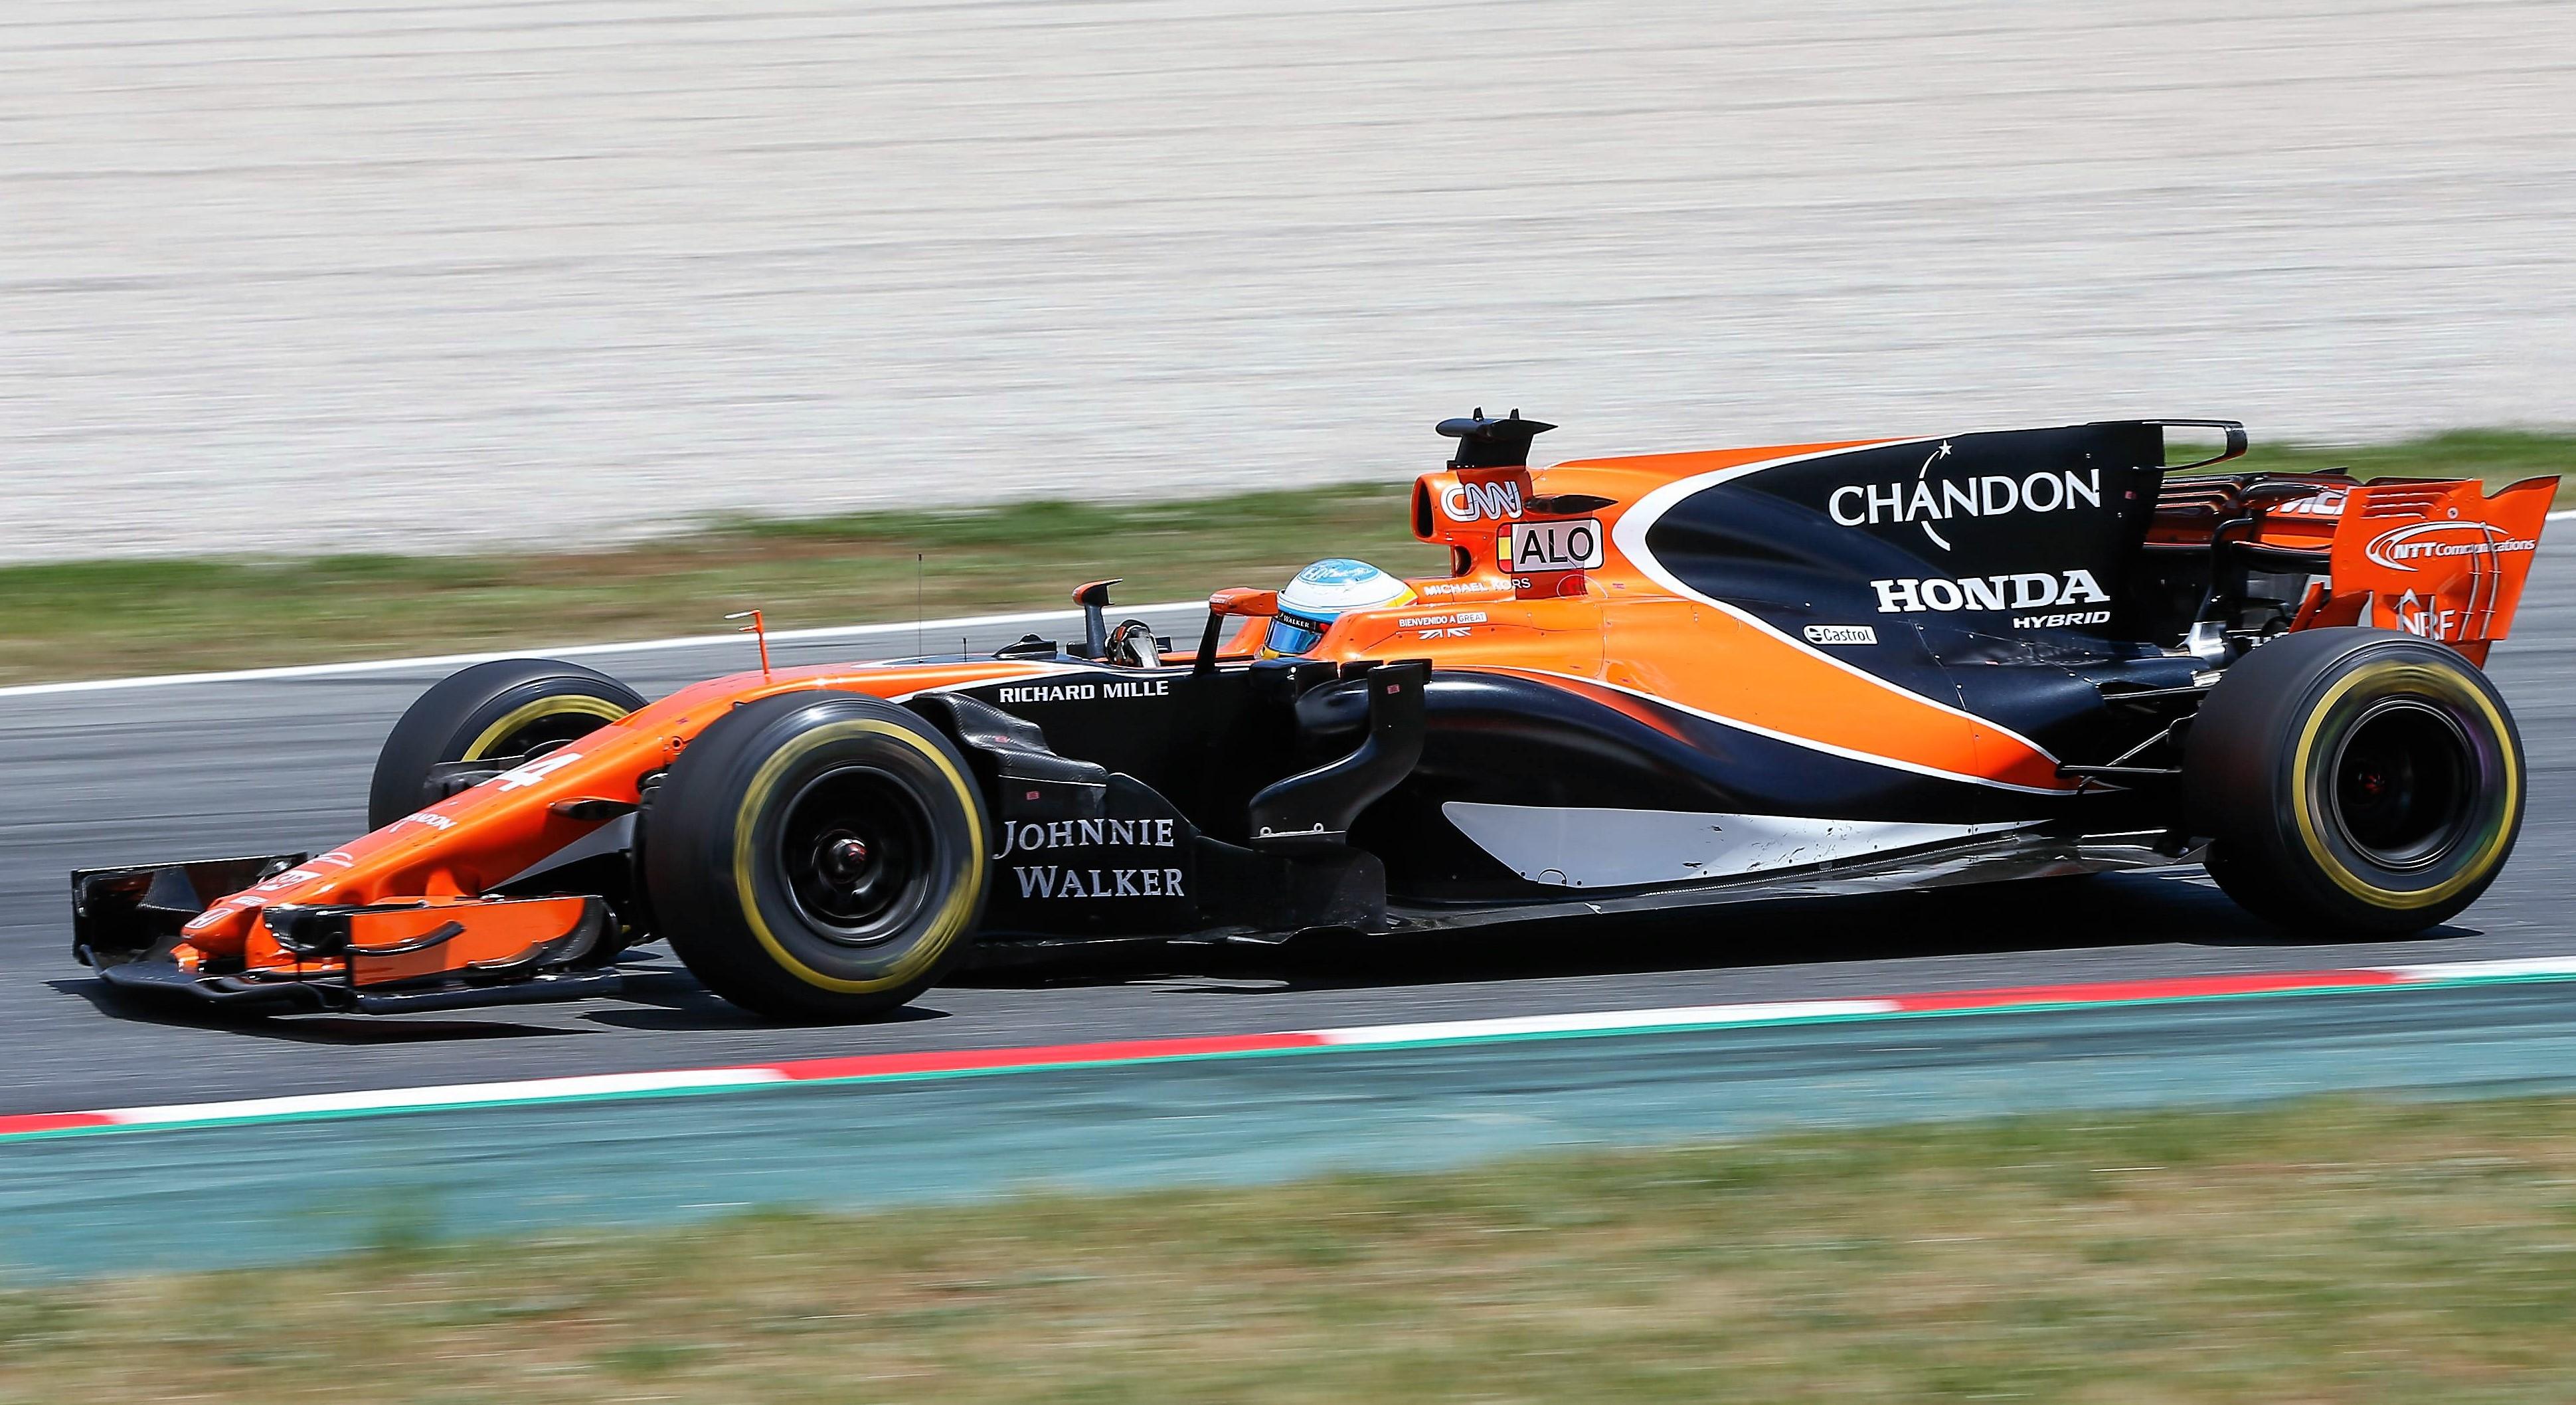 ¿Qué diferencias hay entre un coche de Fórmula 1 y uno de Indycar? - Libertad Digital